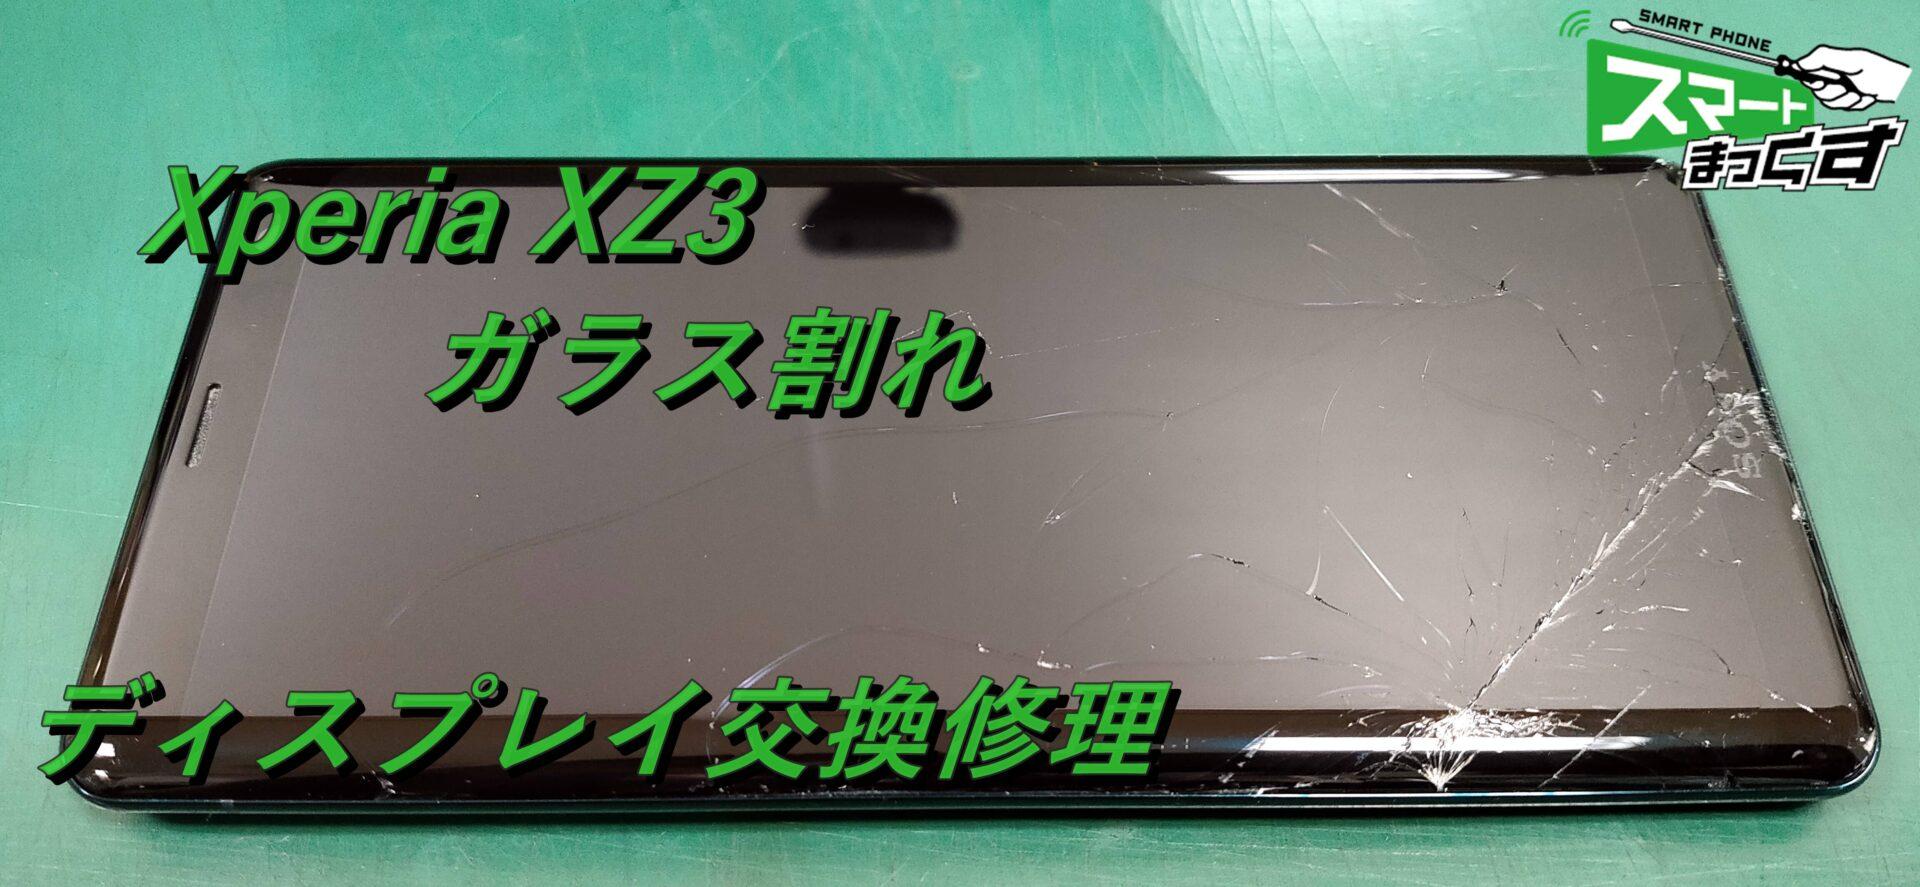 Xperia XZ3 ガラス割れ-1